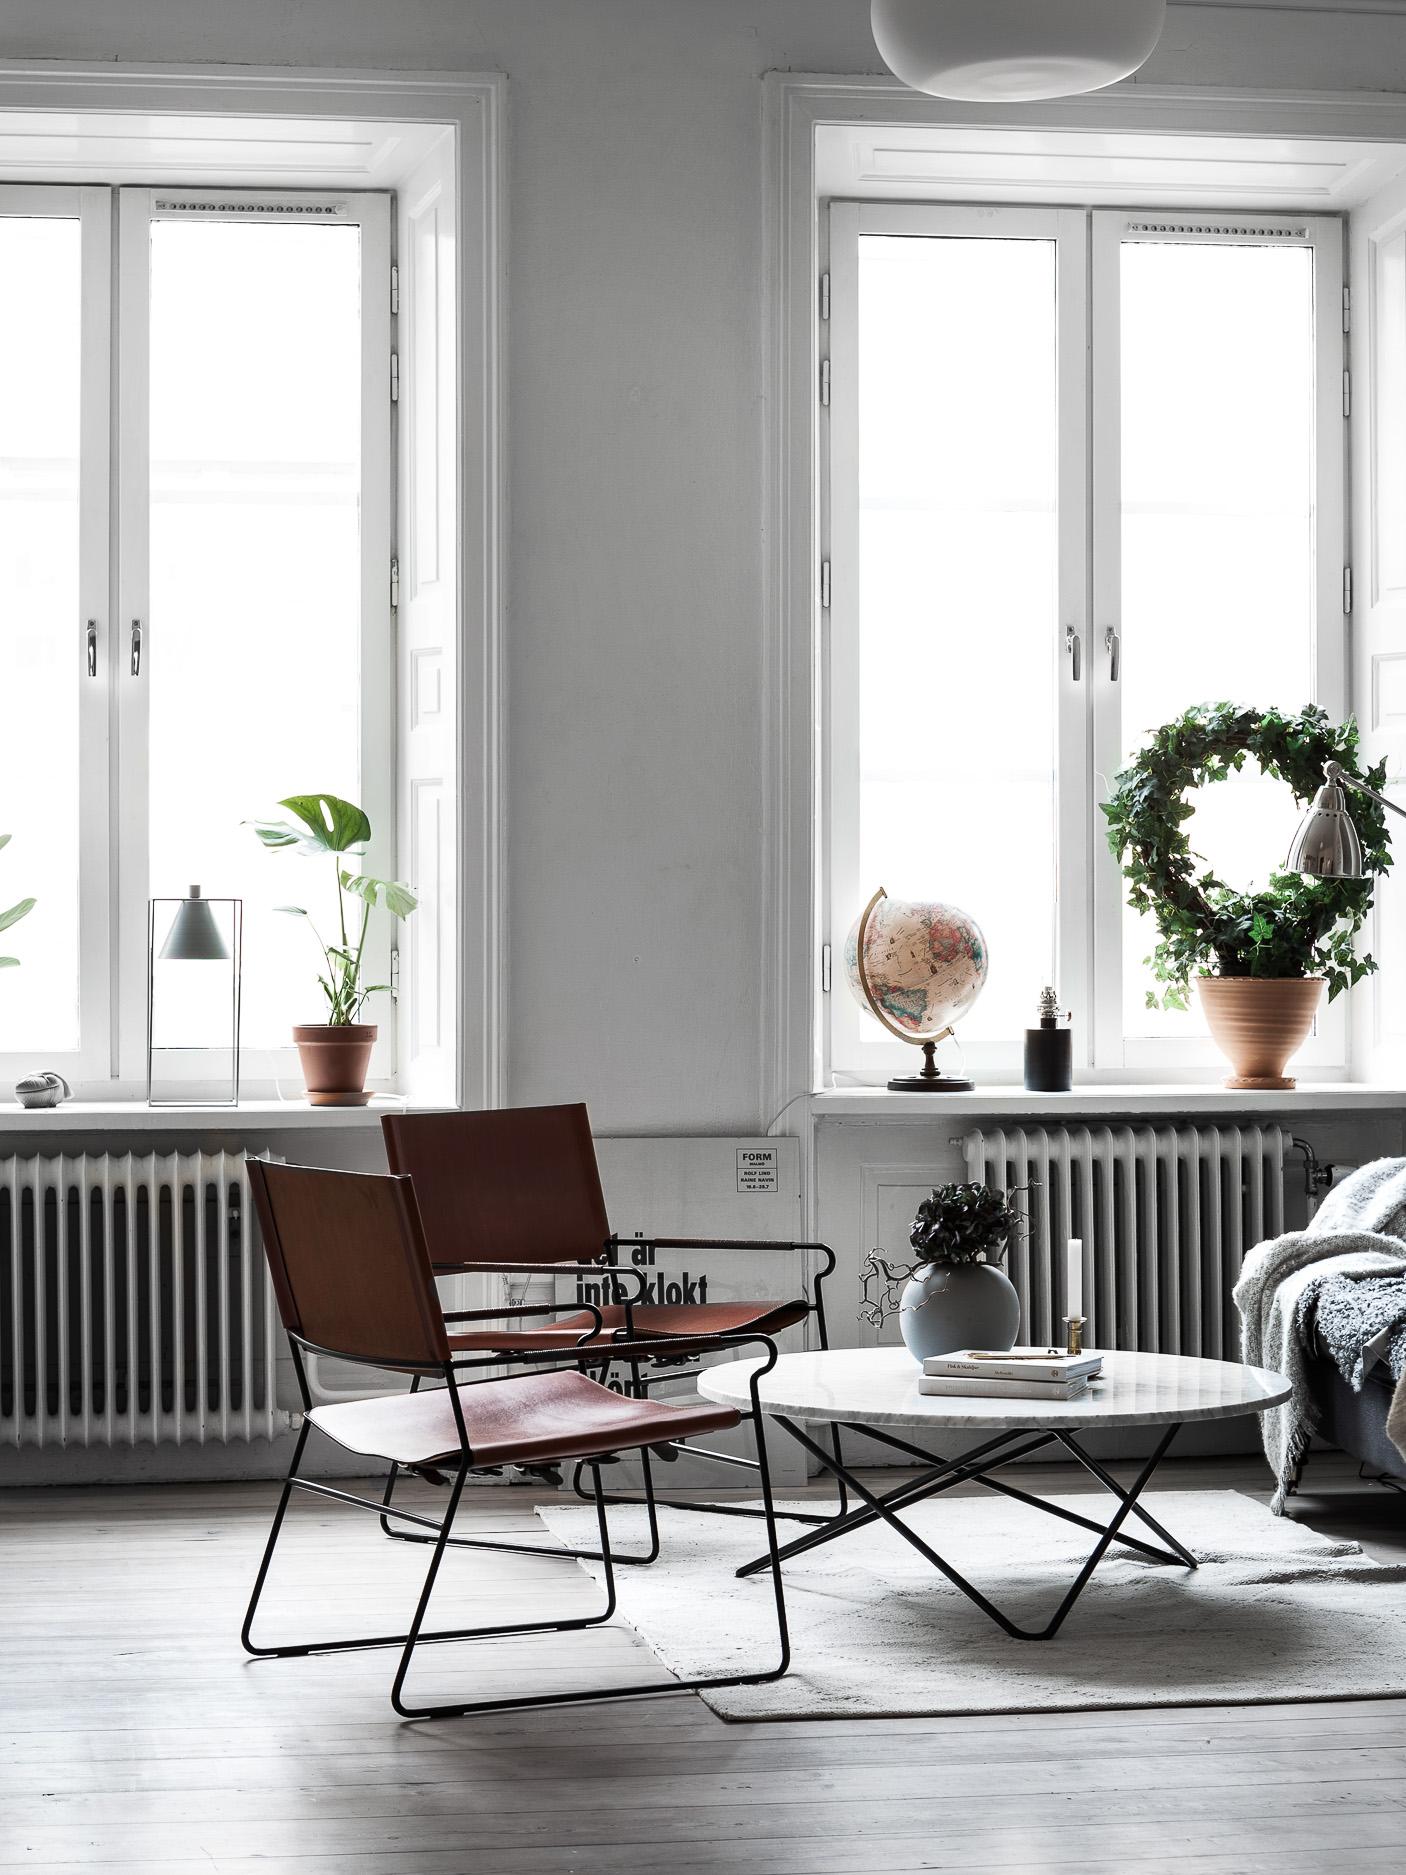 гостиная круглый столик кресла окна подоконники